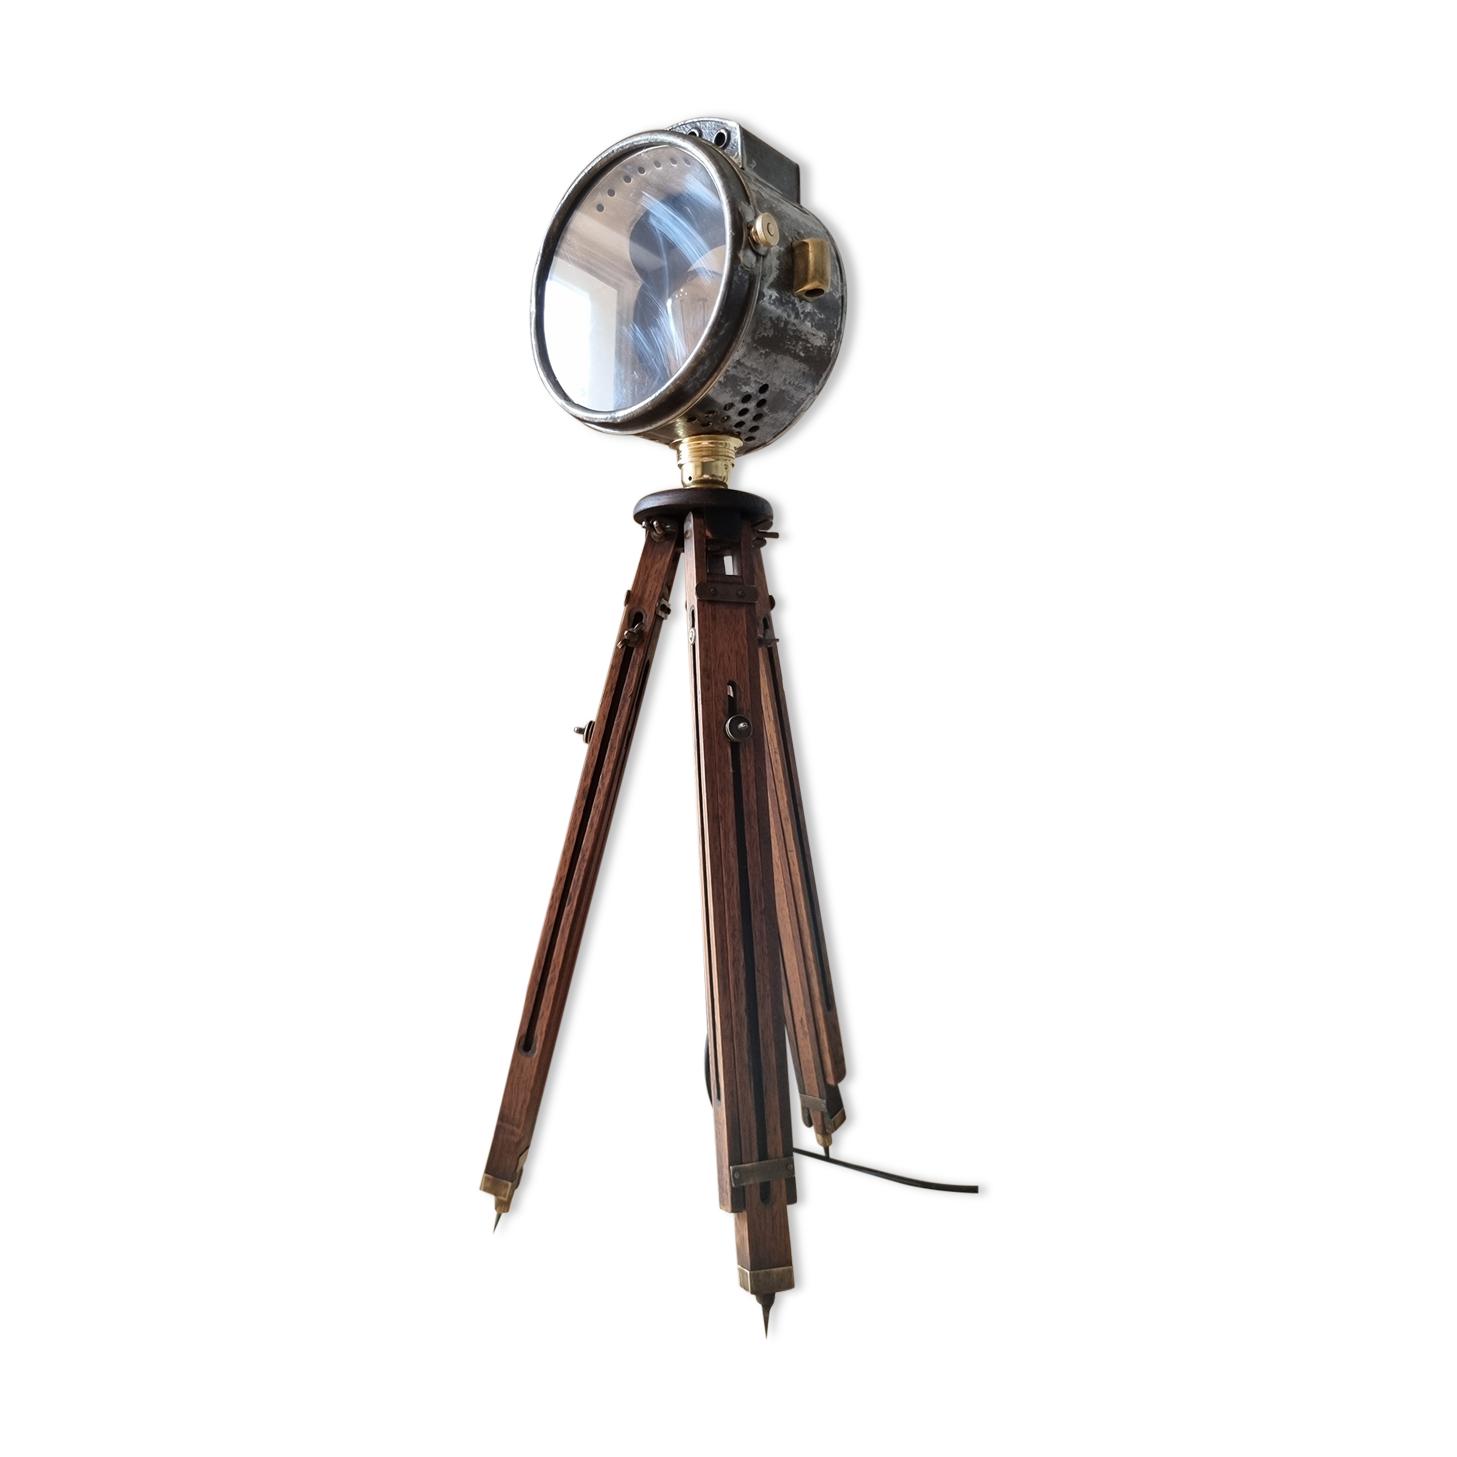 Ancien projecteur sur trépied, Auteroche France, ca. 1900